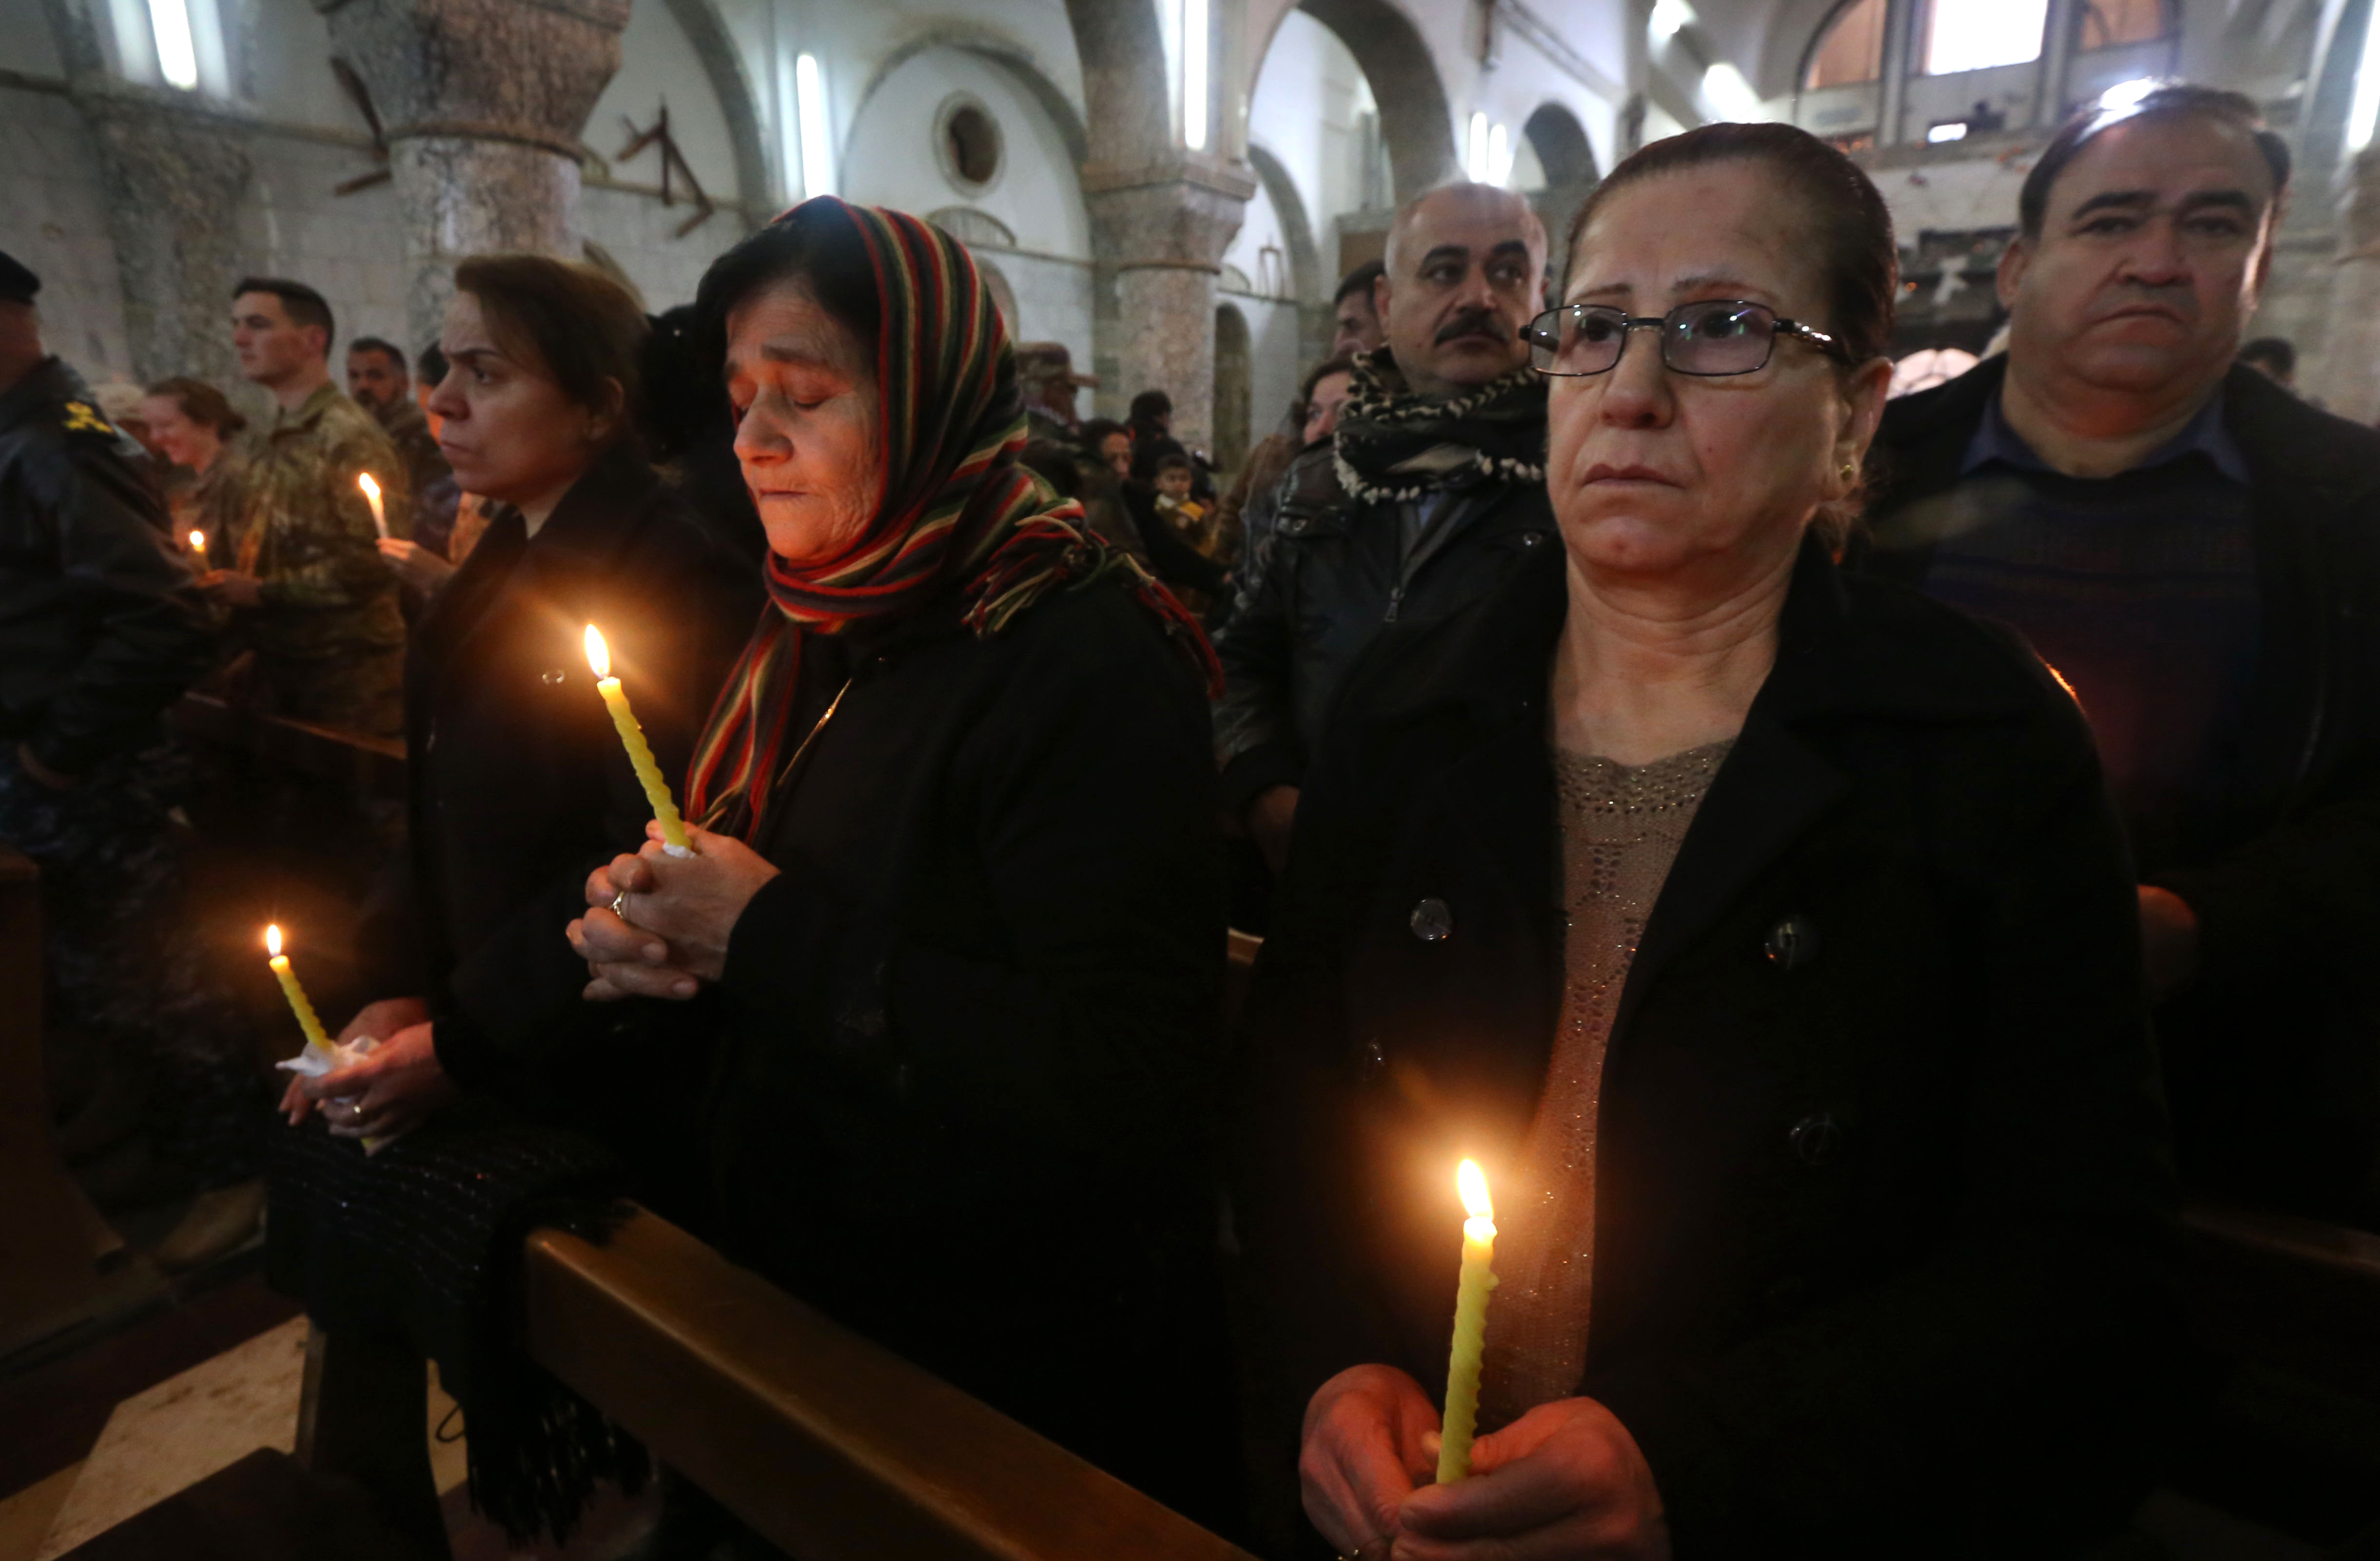 مسيحيون عراقيون في كنيسة مار يوحنا